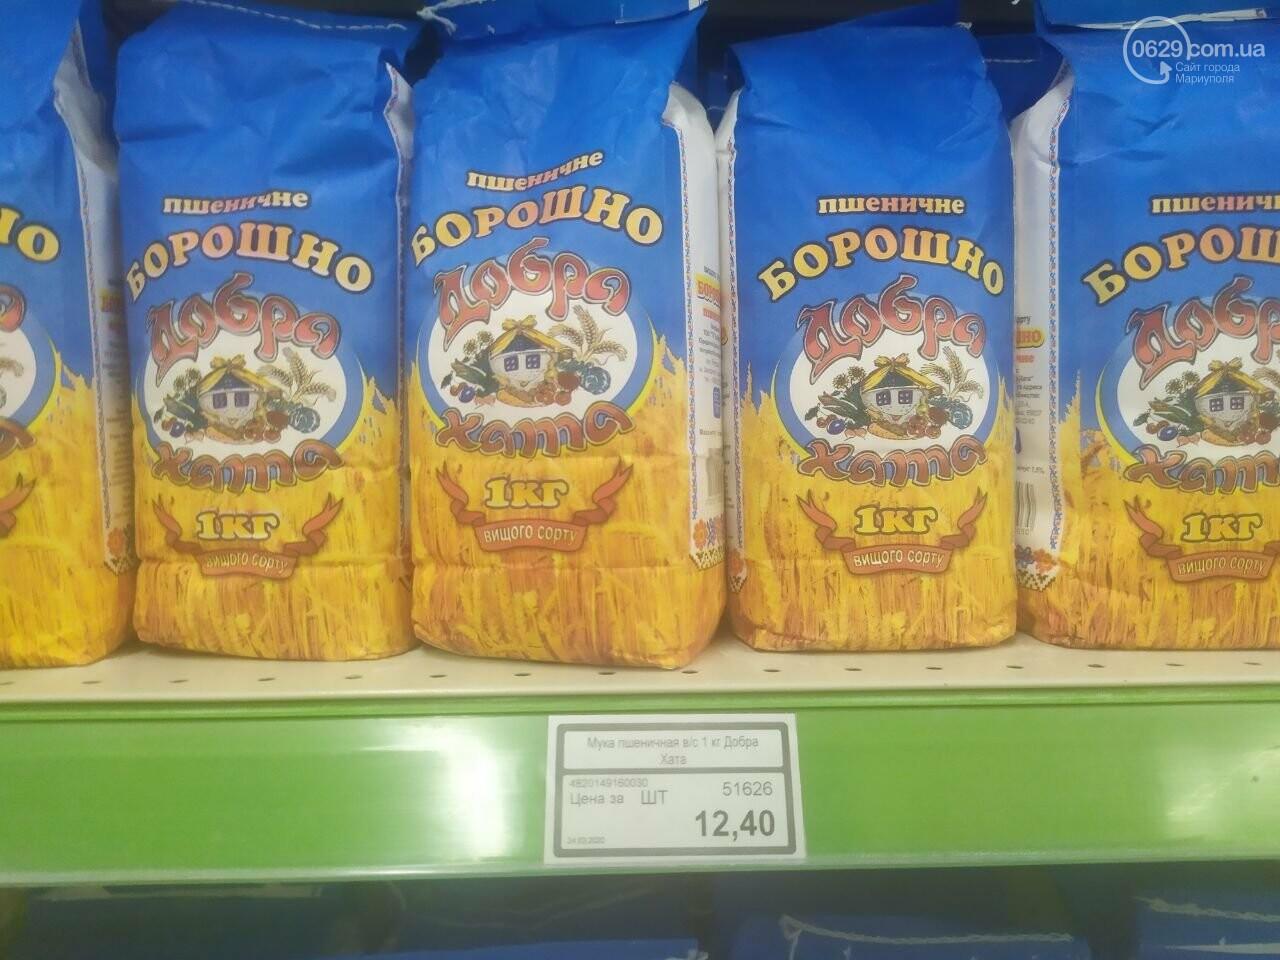 Как коронавирус изменил цены на продукты в Мариуполе, - ФОТО, фото-5